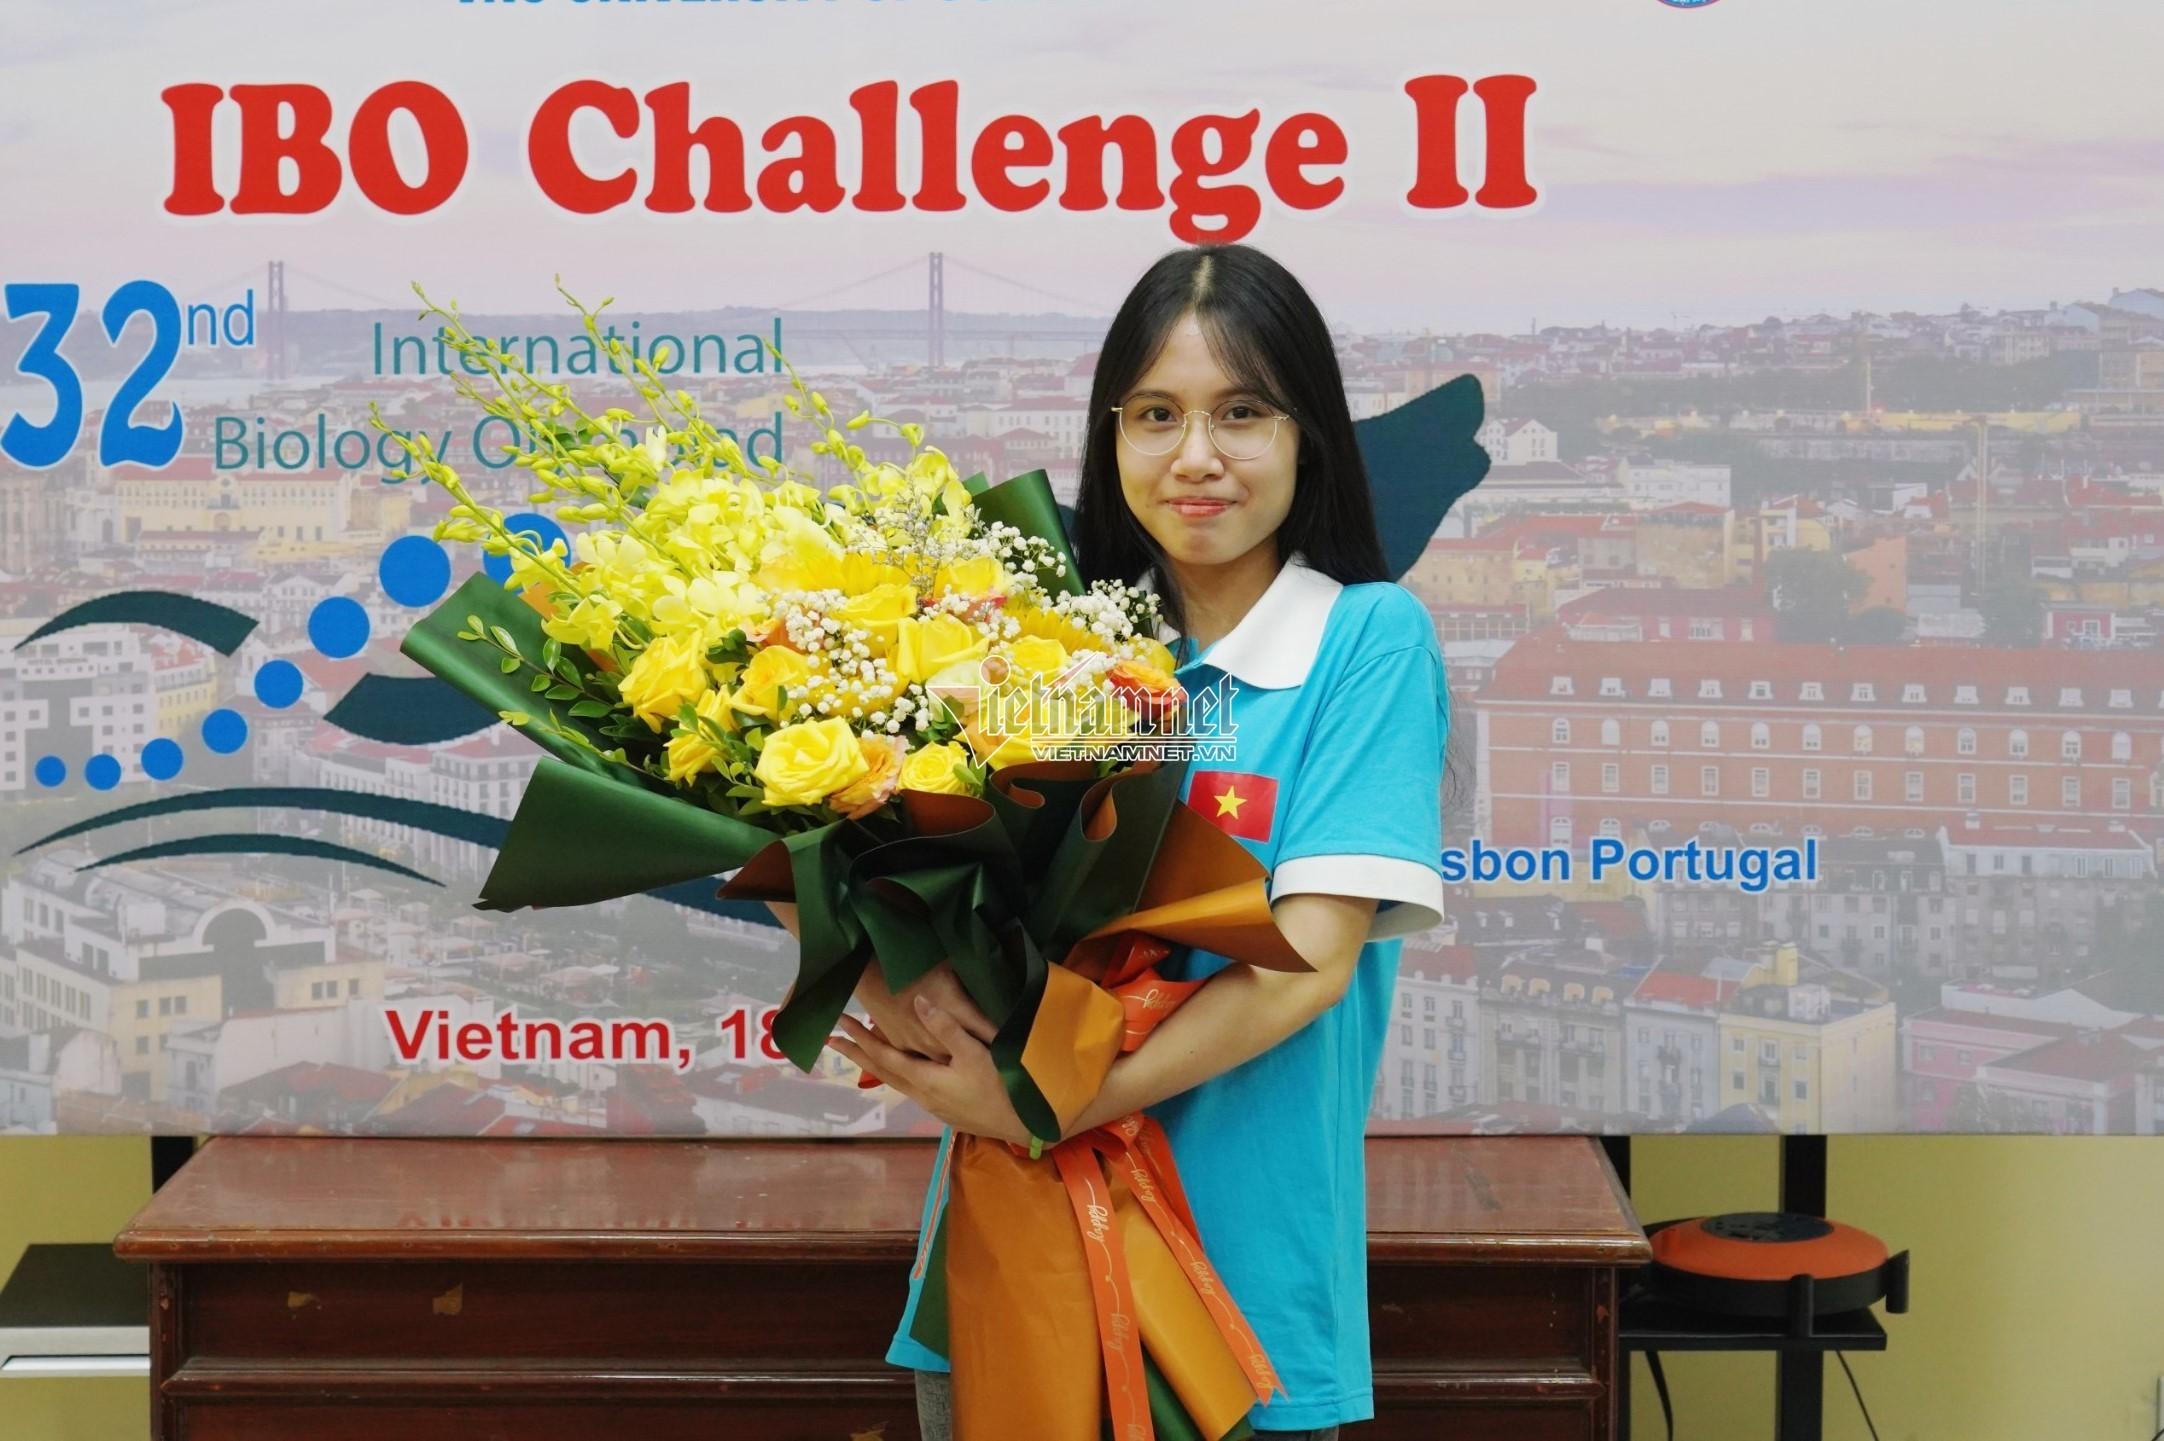 Nữ sinh Phú Thọ bật khóc vì 'đổi màu' huy chương Olympic quốc tế - ảnh 1